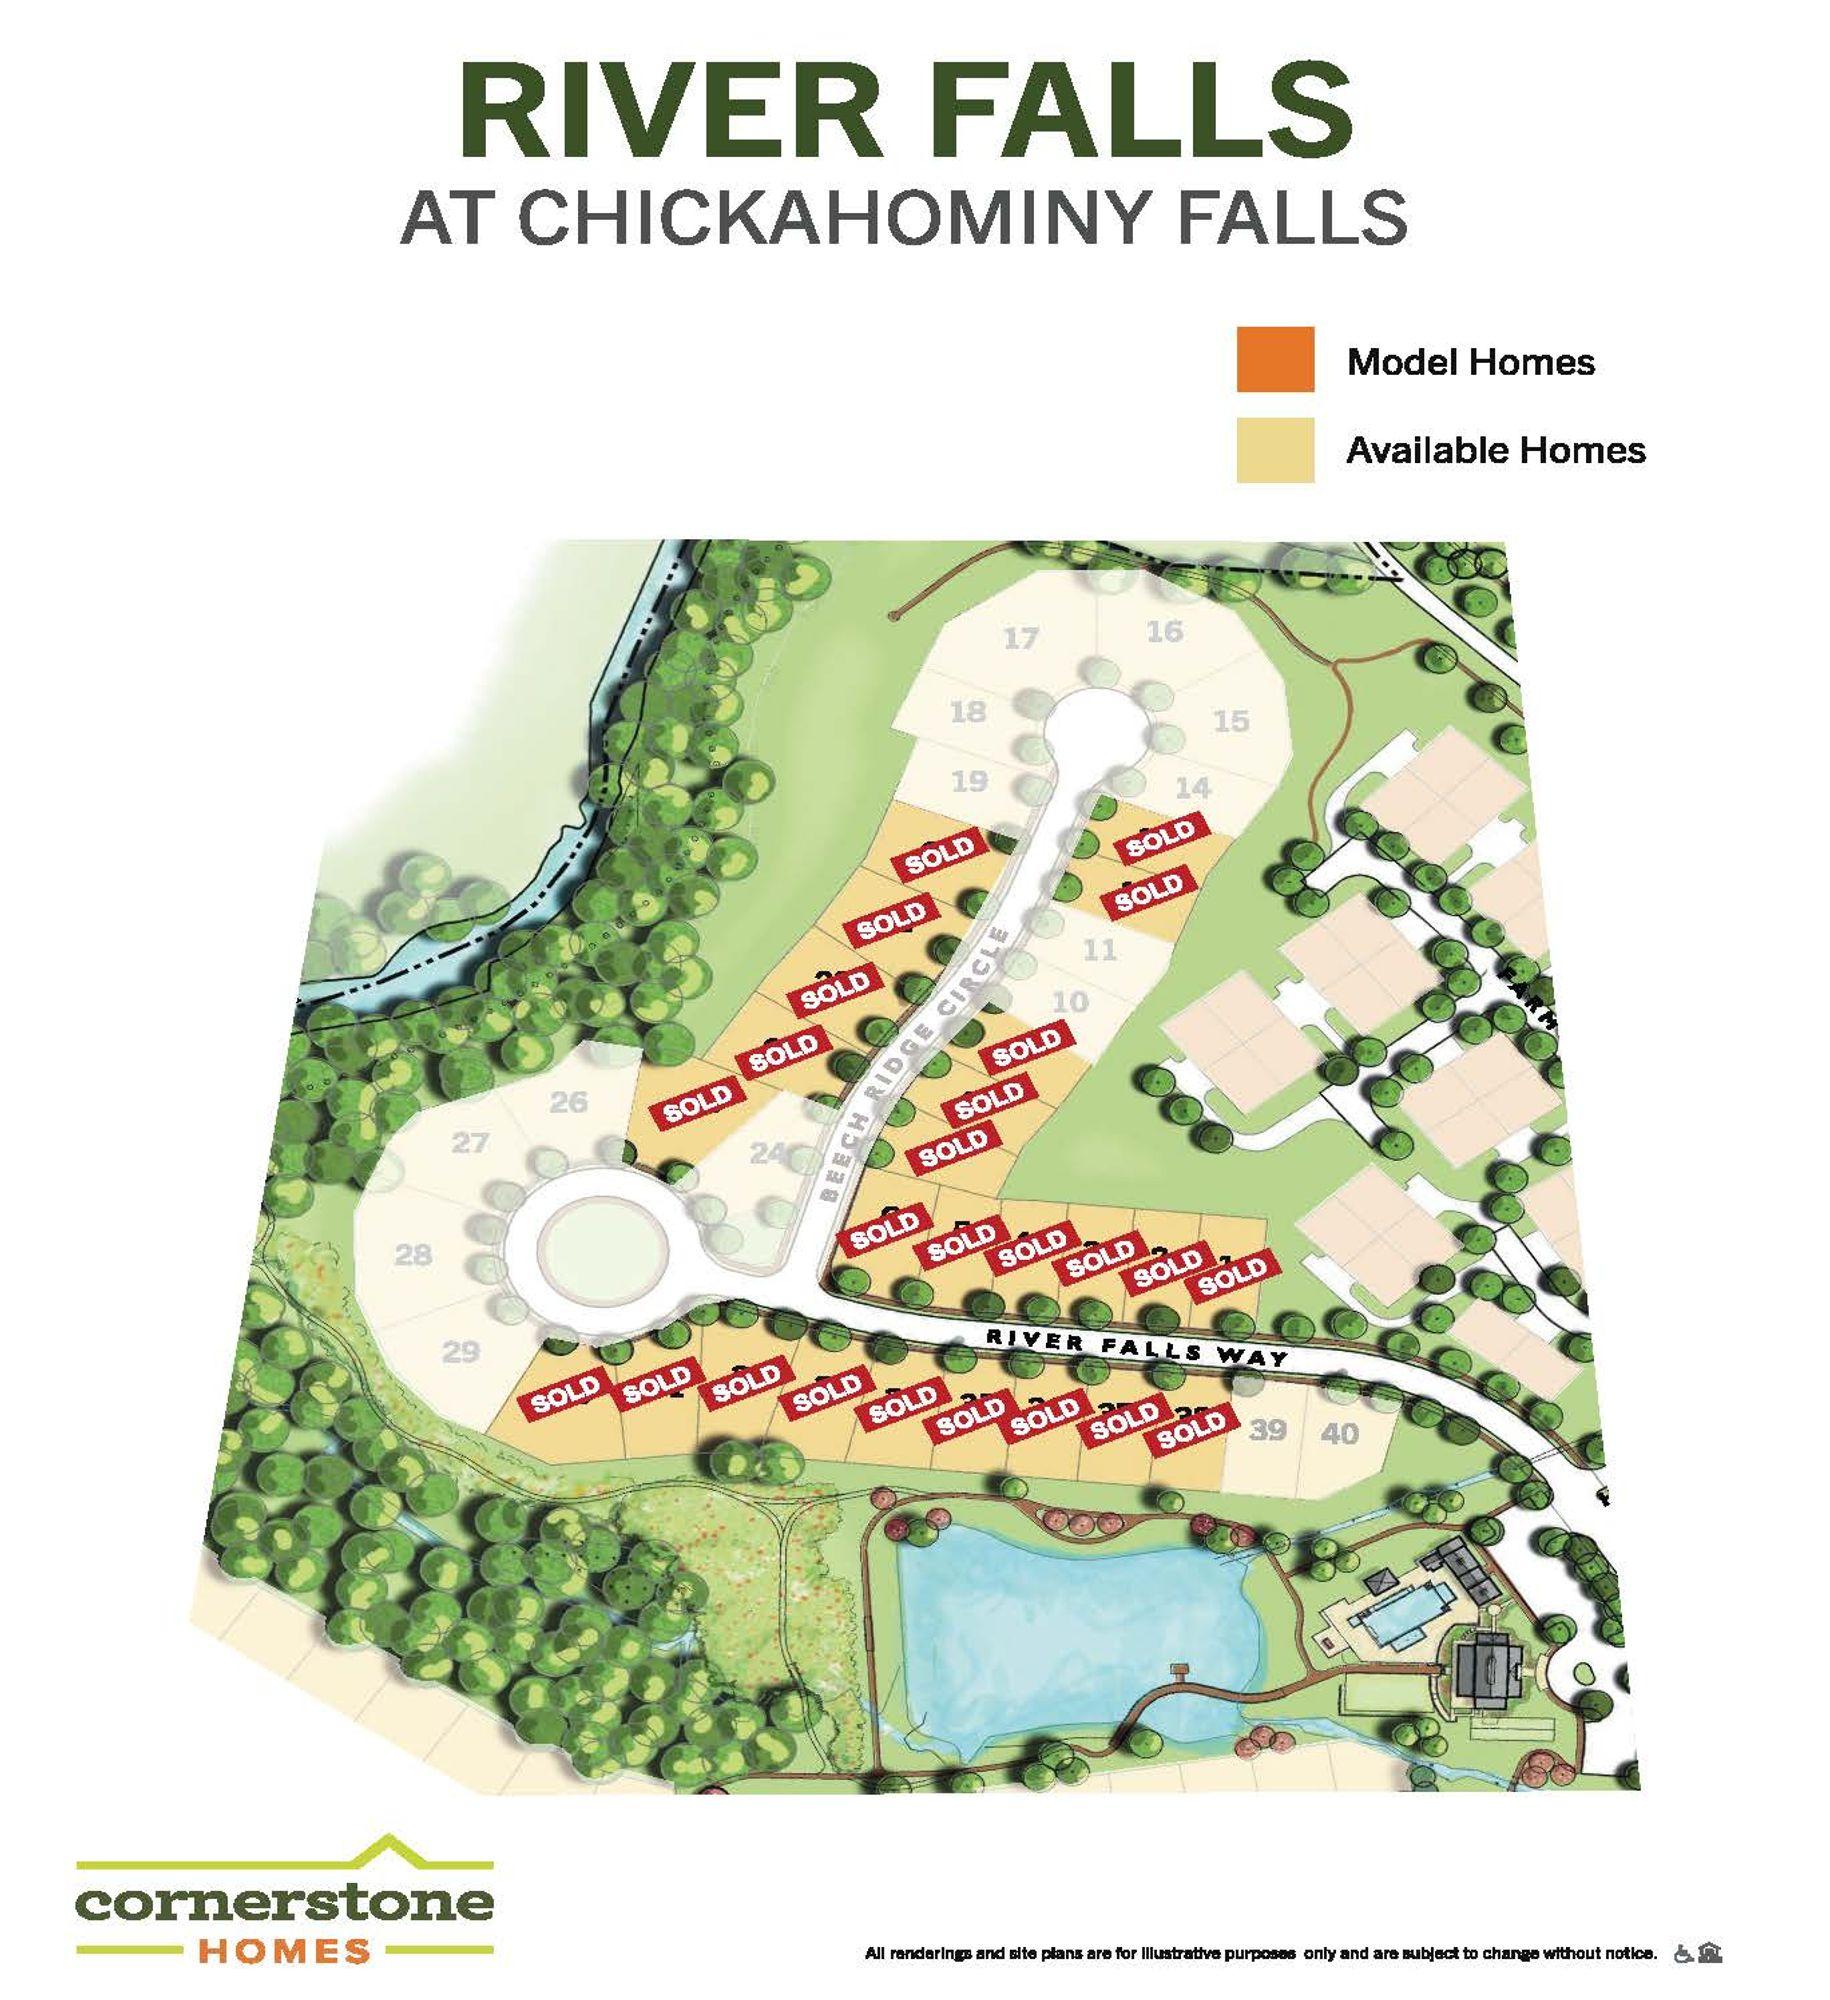 River Falls at Chickahominy Falls